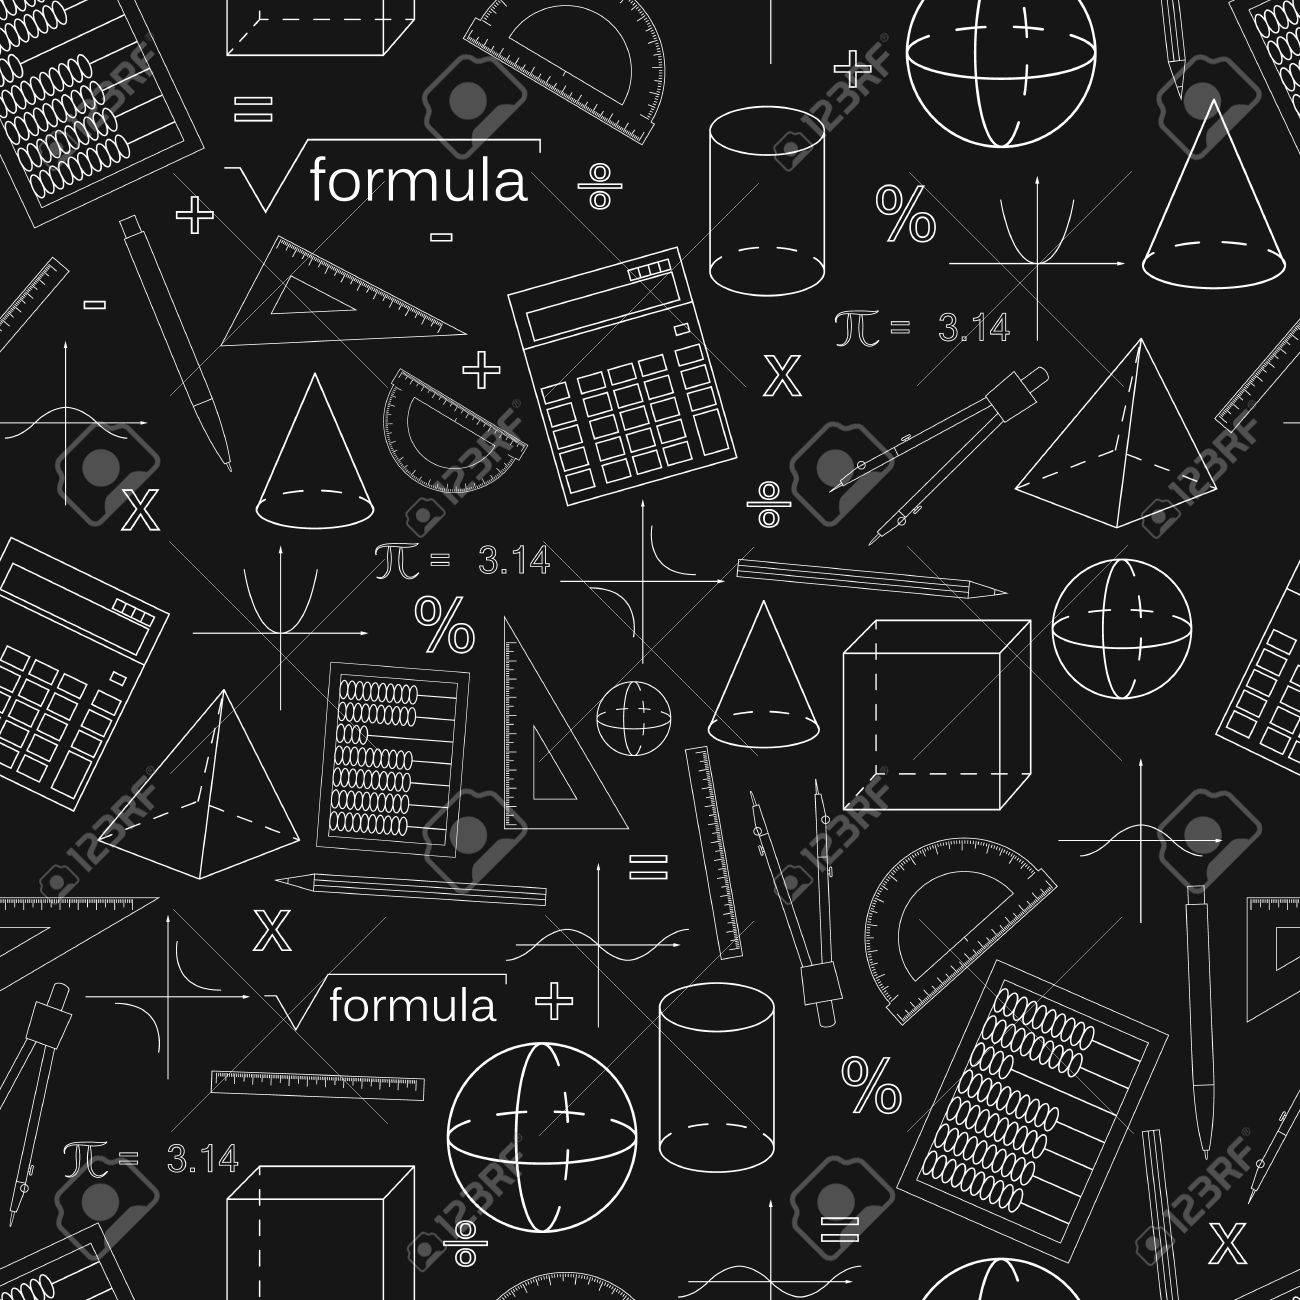 Matita Senza Soluzione Di Continuit Modello Nero Stile Lineare Uzi Schematic Conoscenza Della Matematica E Geometria Le Forme Geometriche